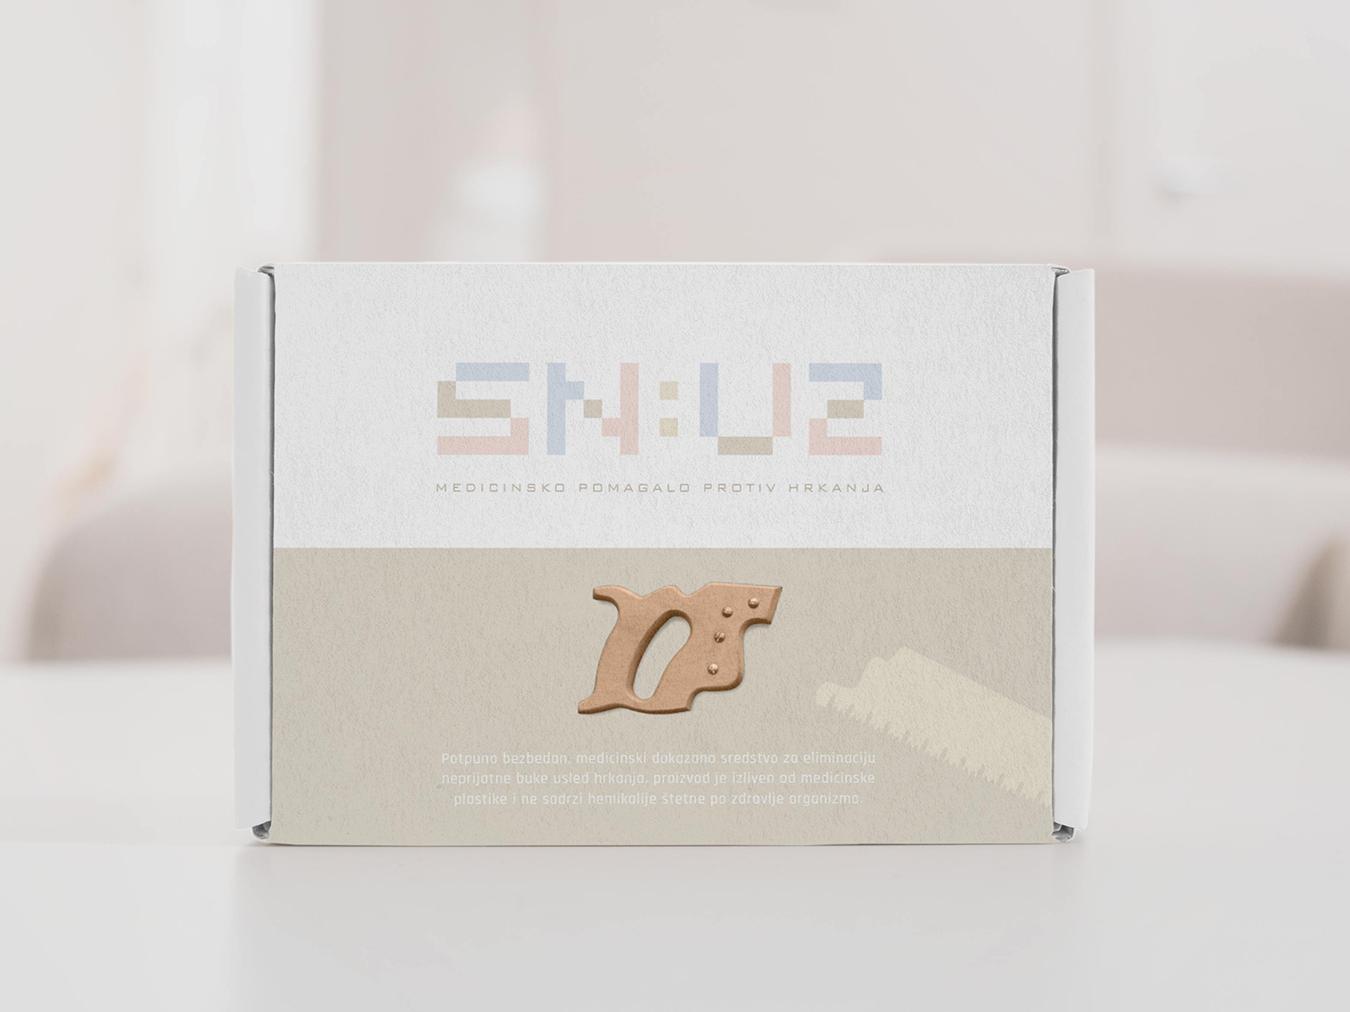 SN:UZ saw packaging logotype graphic design